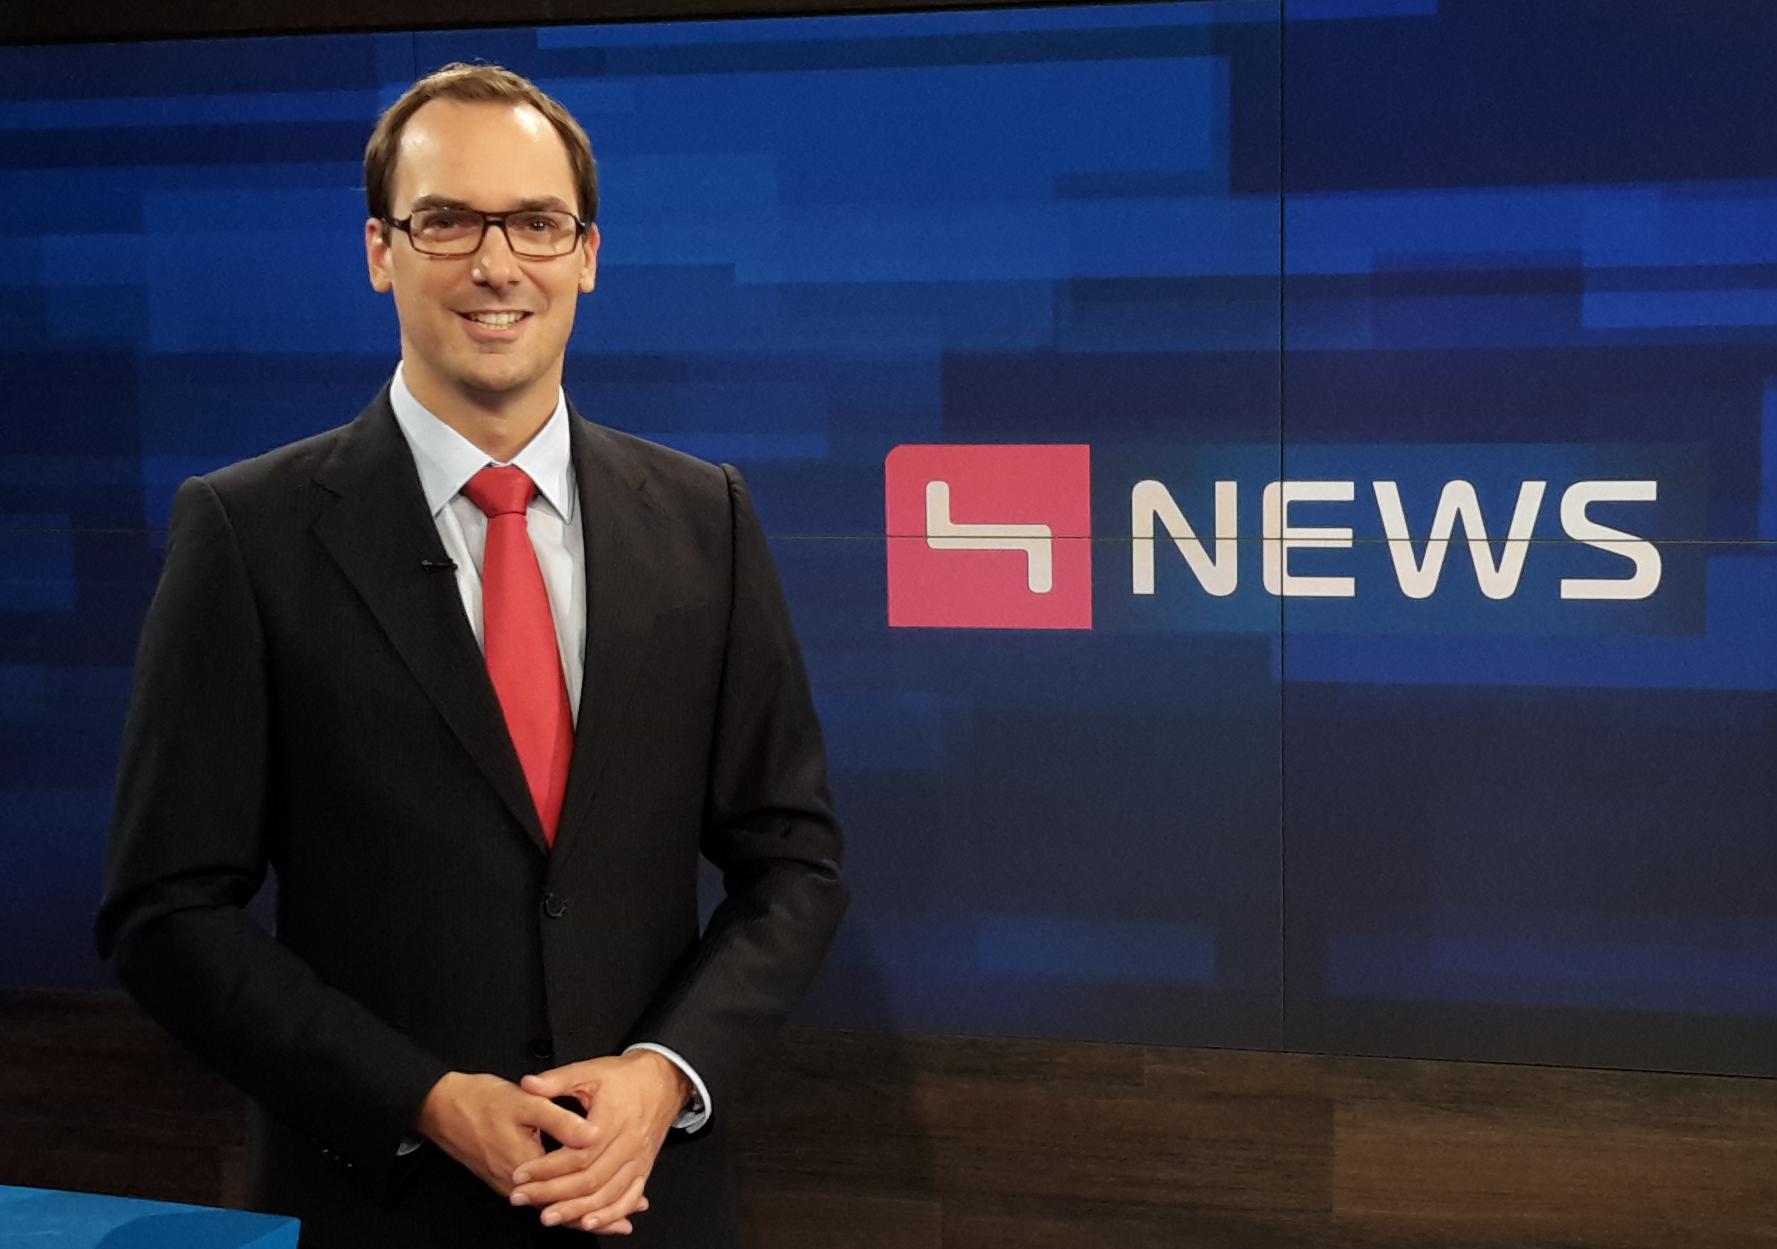 Carsten Pieter Zimmermann News Anchor